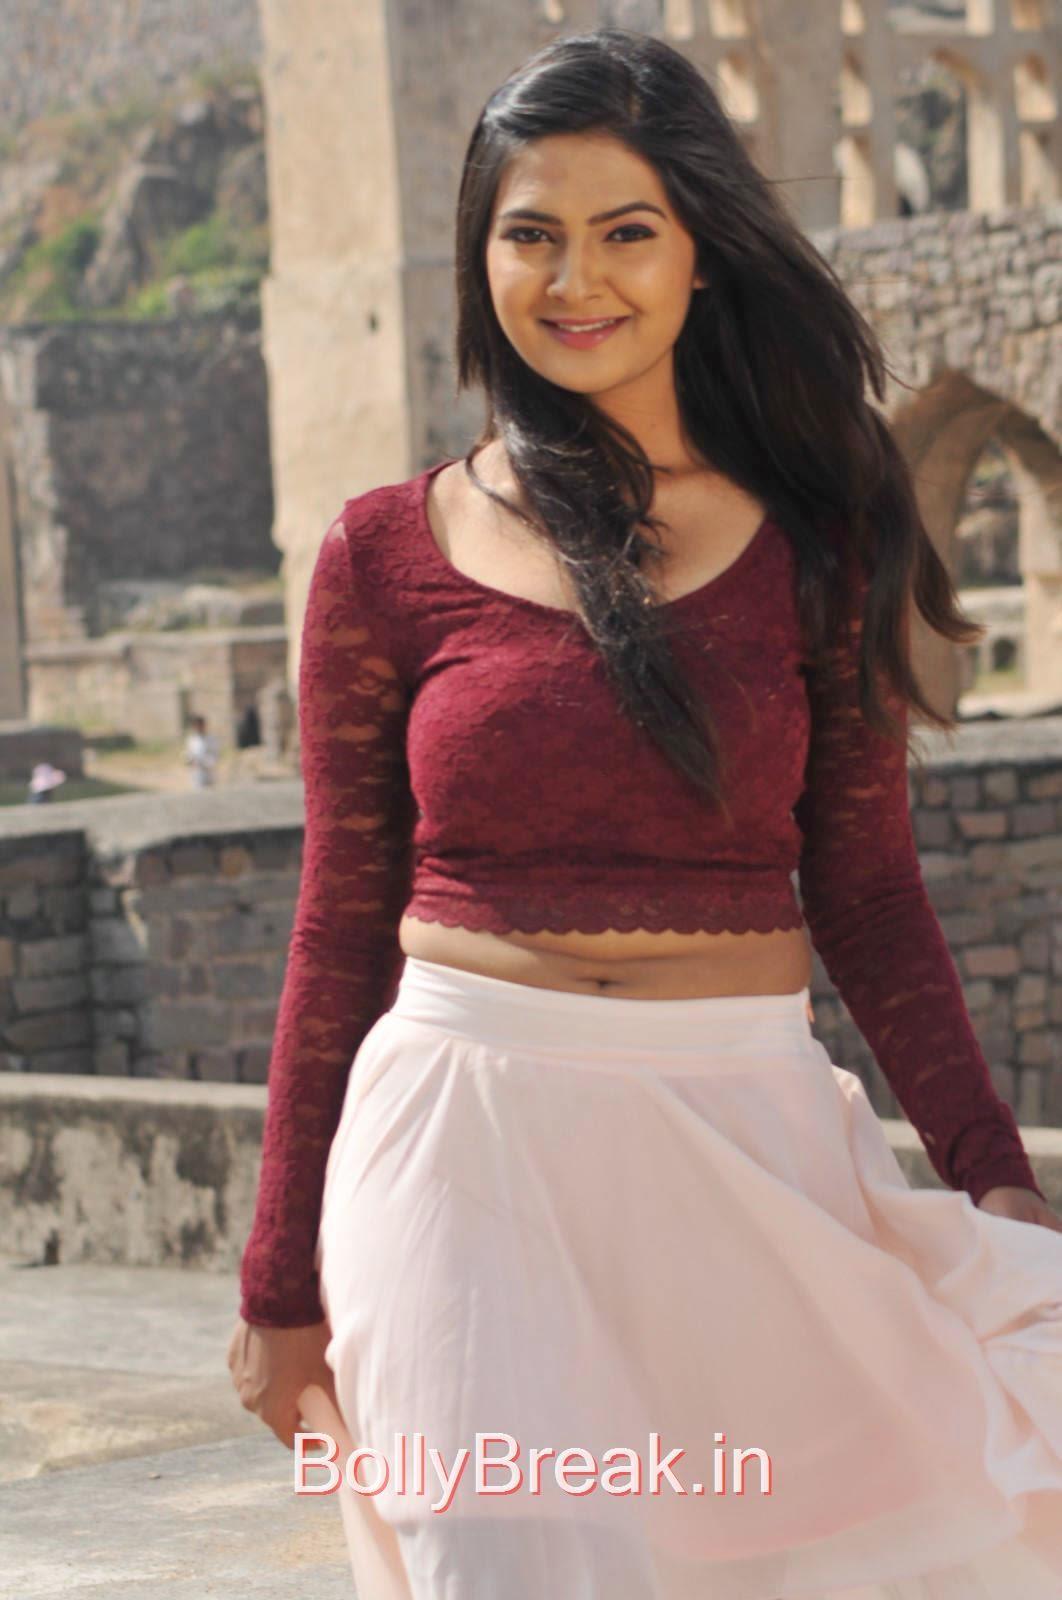 Neha Deshpande Stills, Actress Neha Deshpande Hot HD Stills from The Bells Movie